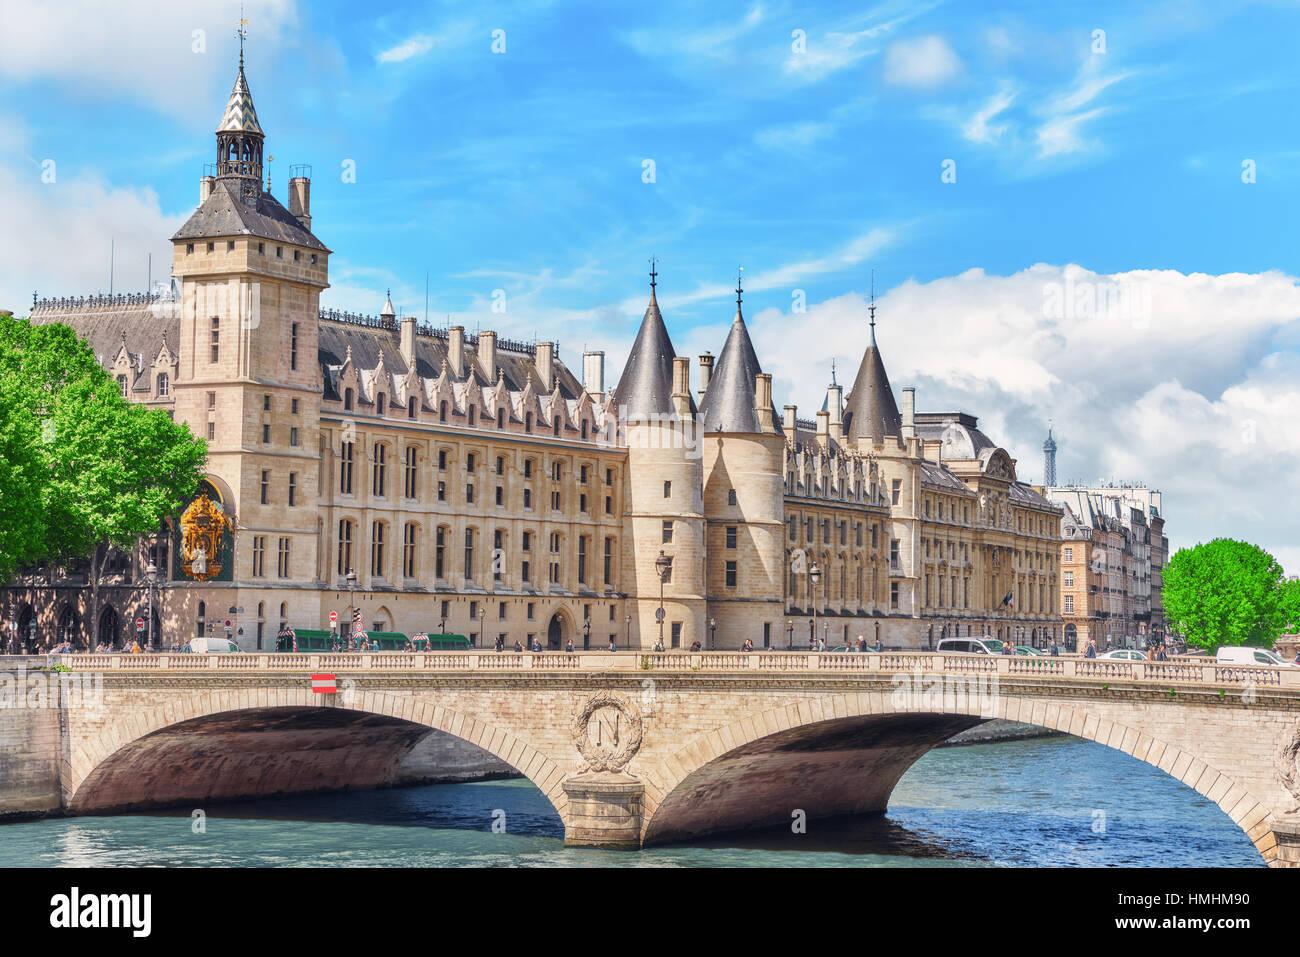 PARIS, FRANCE - JULY 04, 2016 :Castle - Prison Concierges and Exchange Bridge on the Seine in Paris. France. - Stock Image